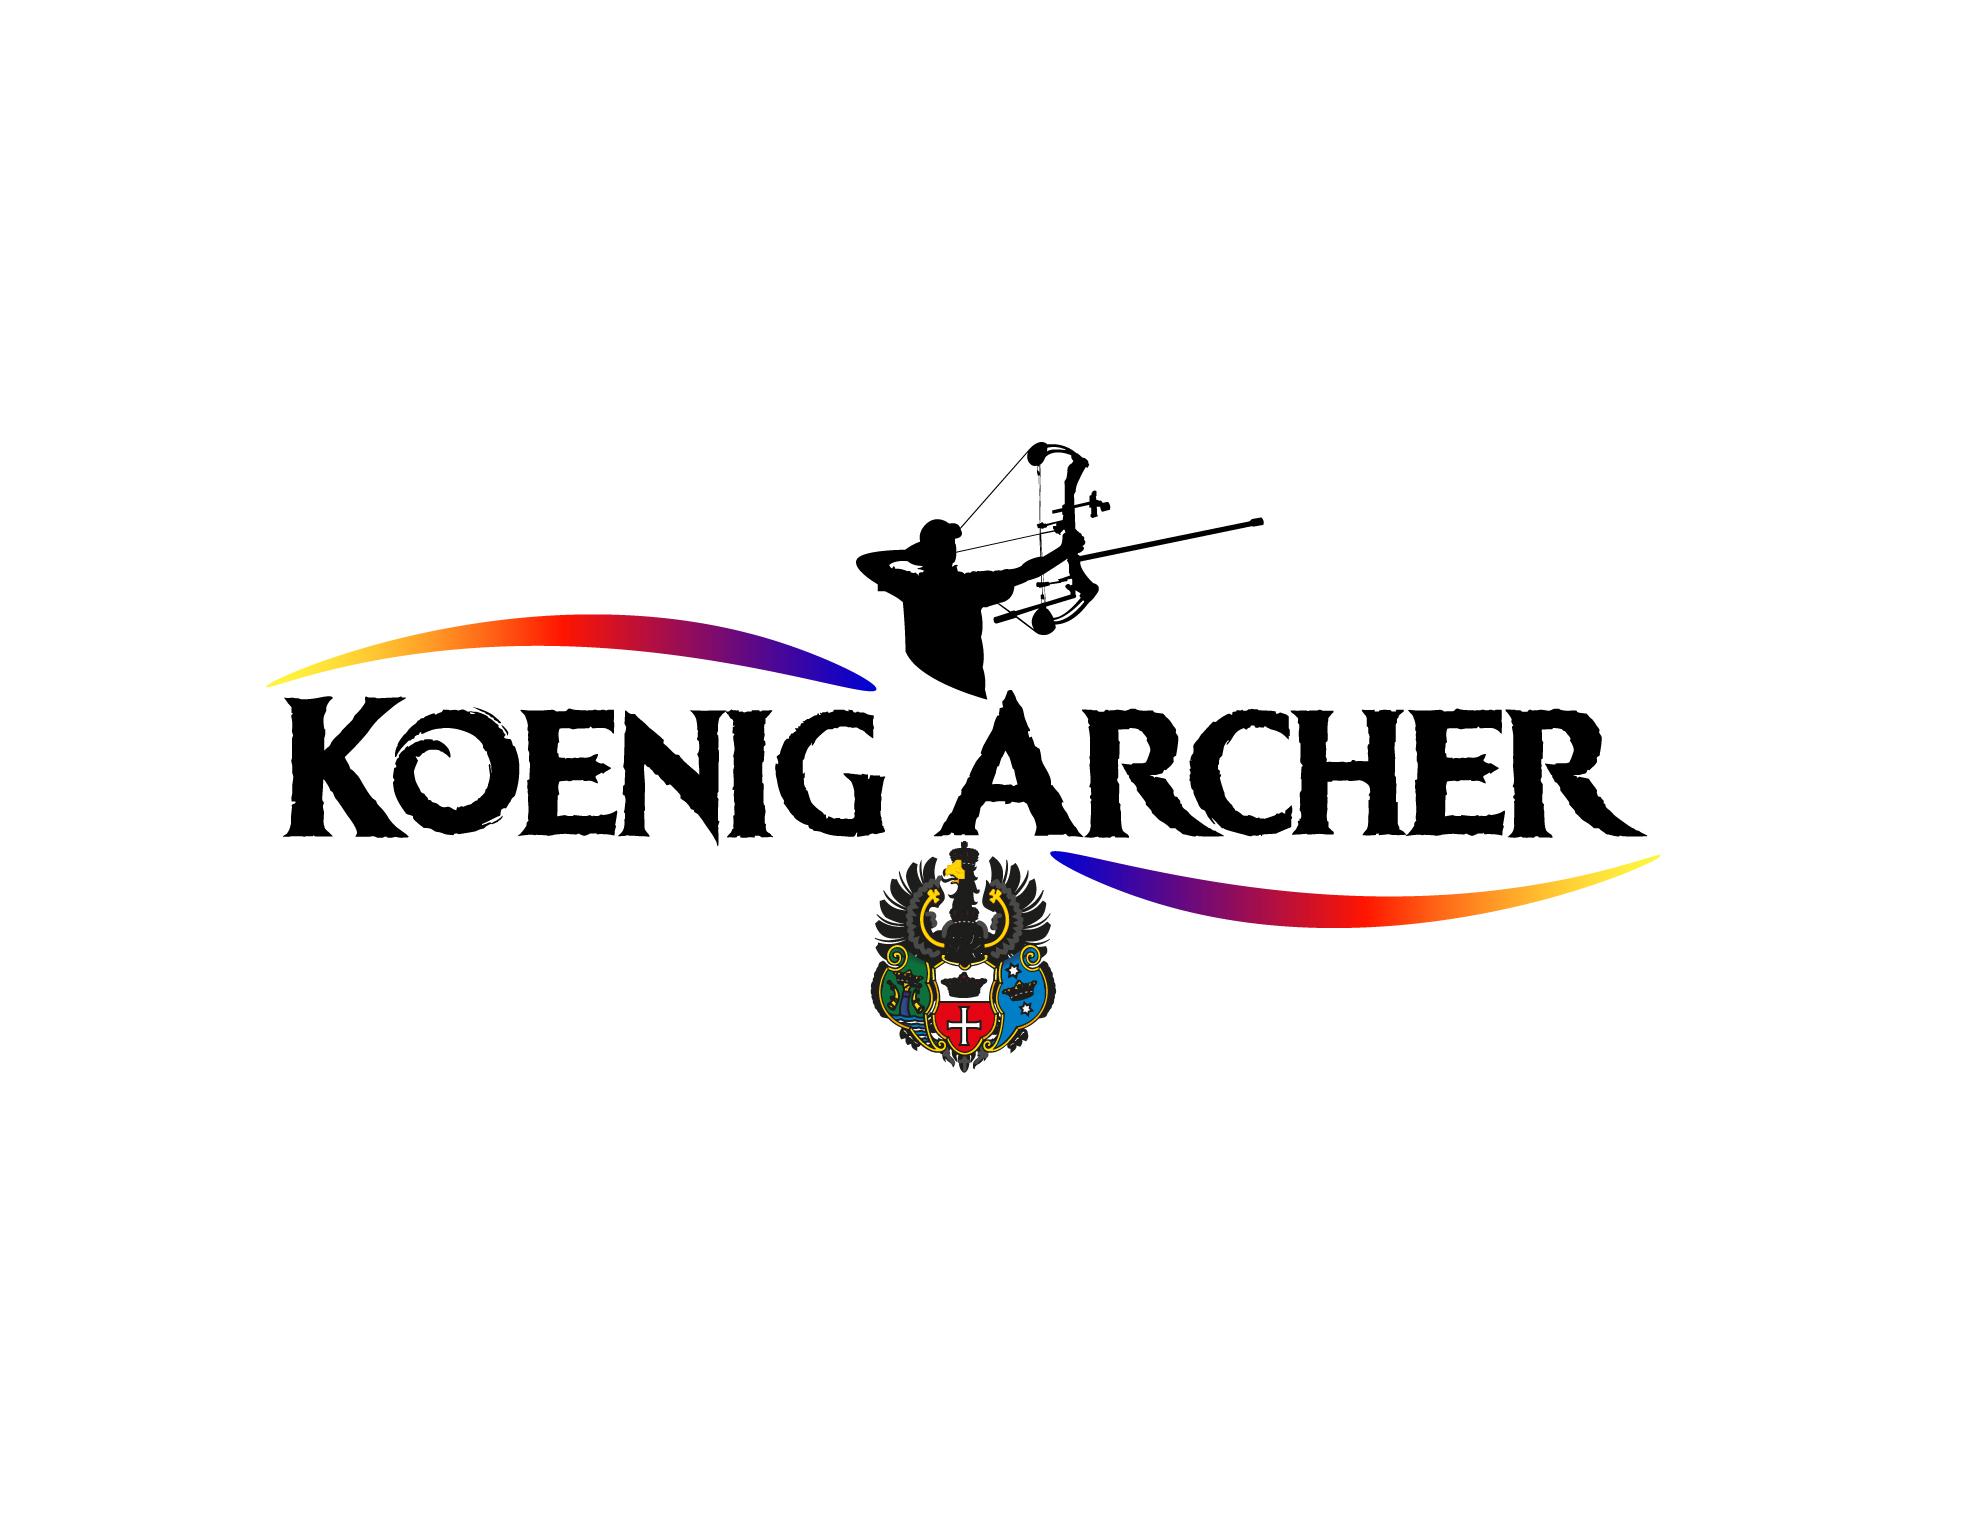 KoenigArcher